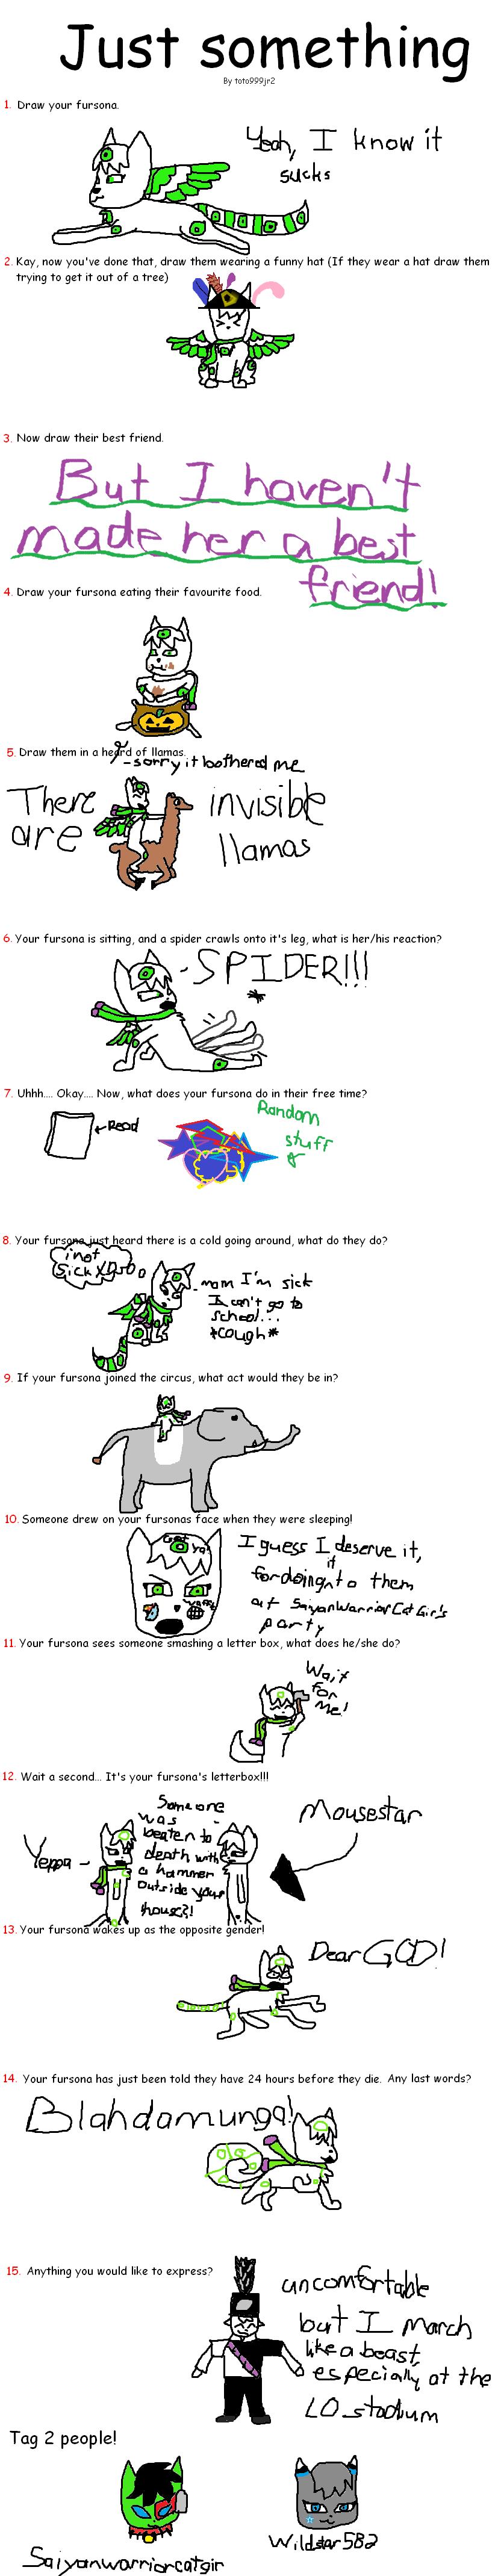 Fursona Quiz meme by silverstartribble on DeviantArt